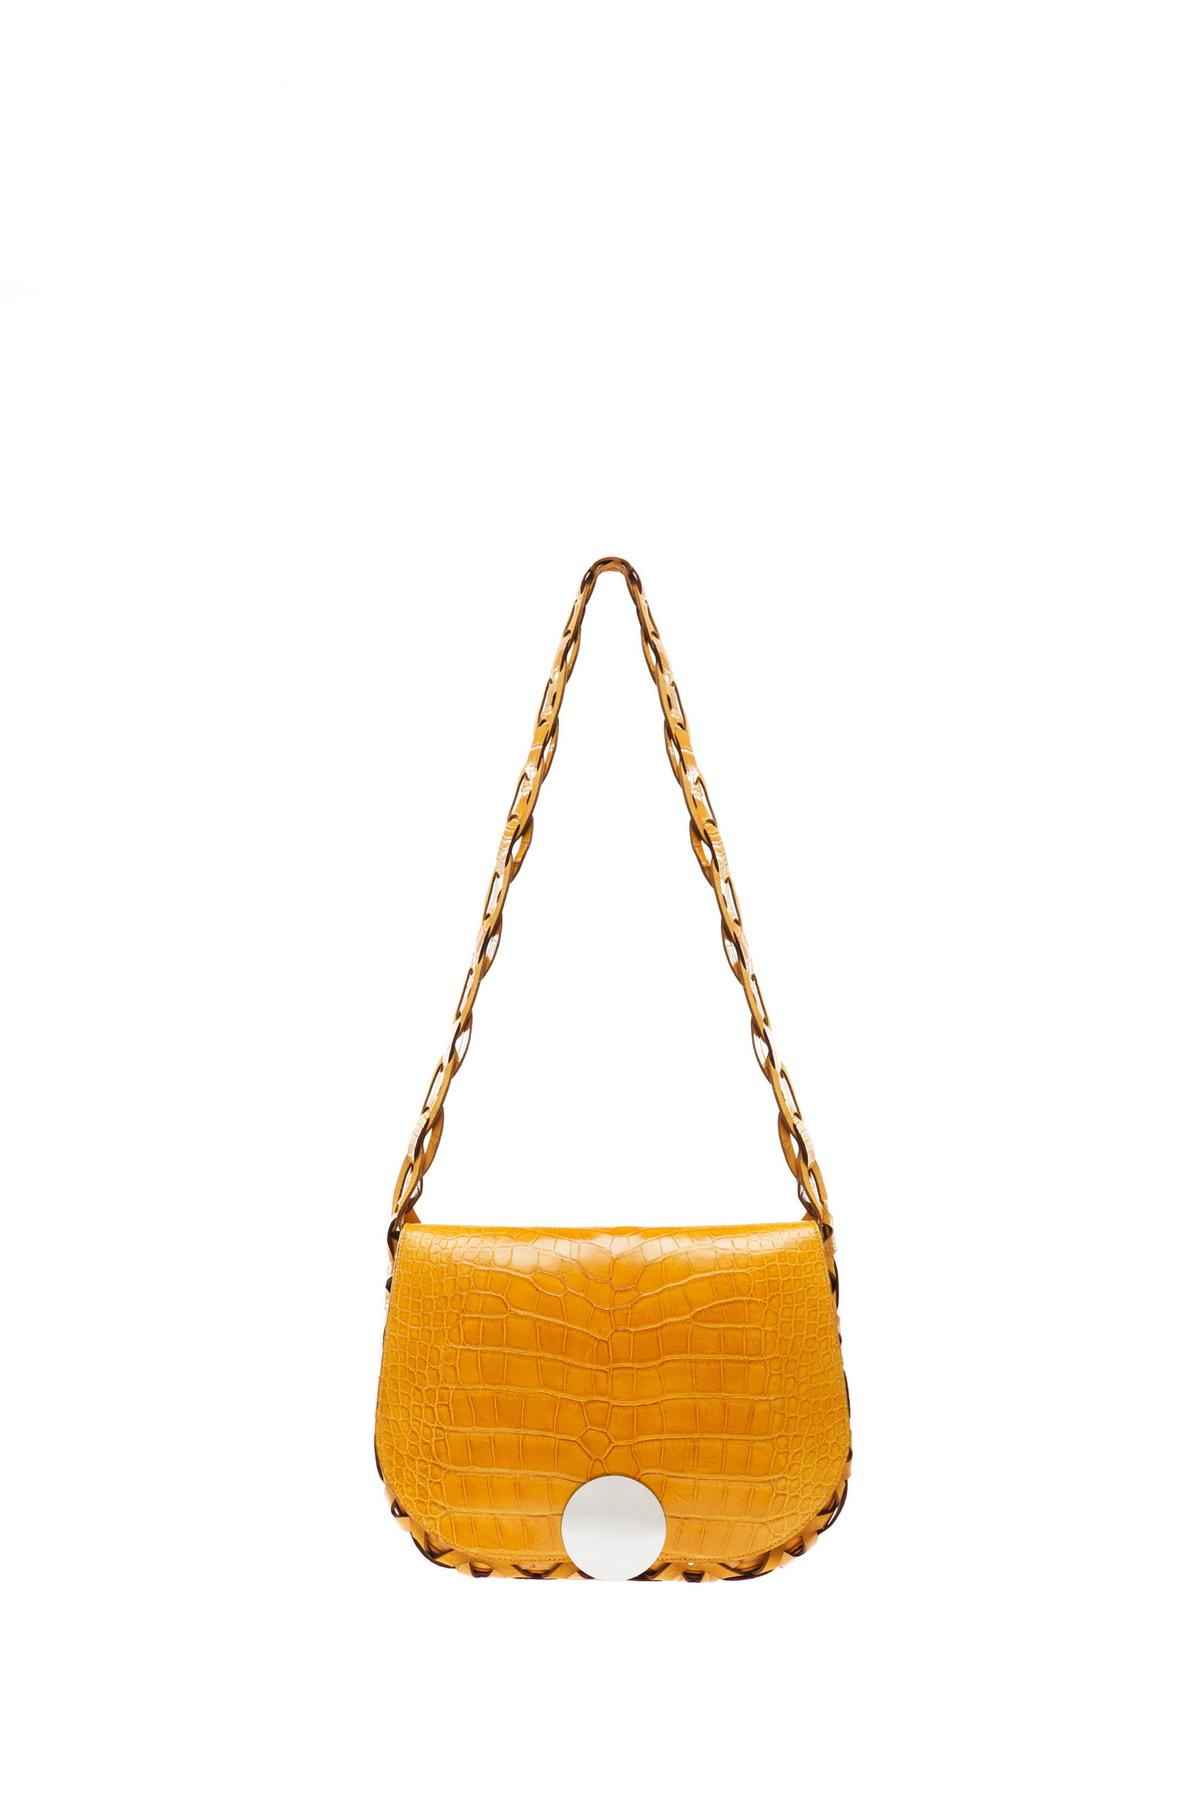 26_EmilioPucci_accessories_SS2015_ridimensionare